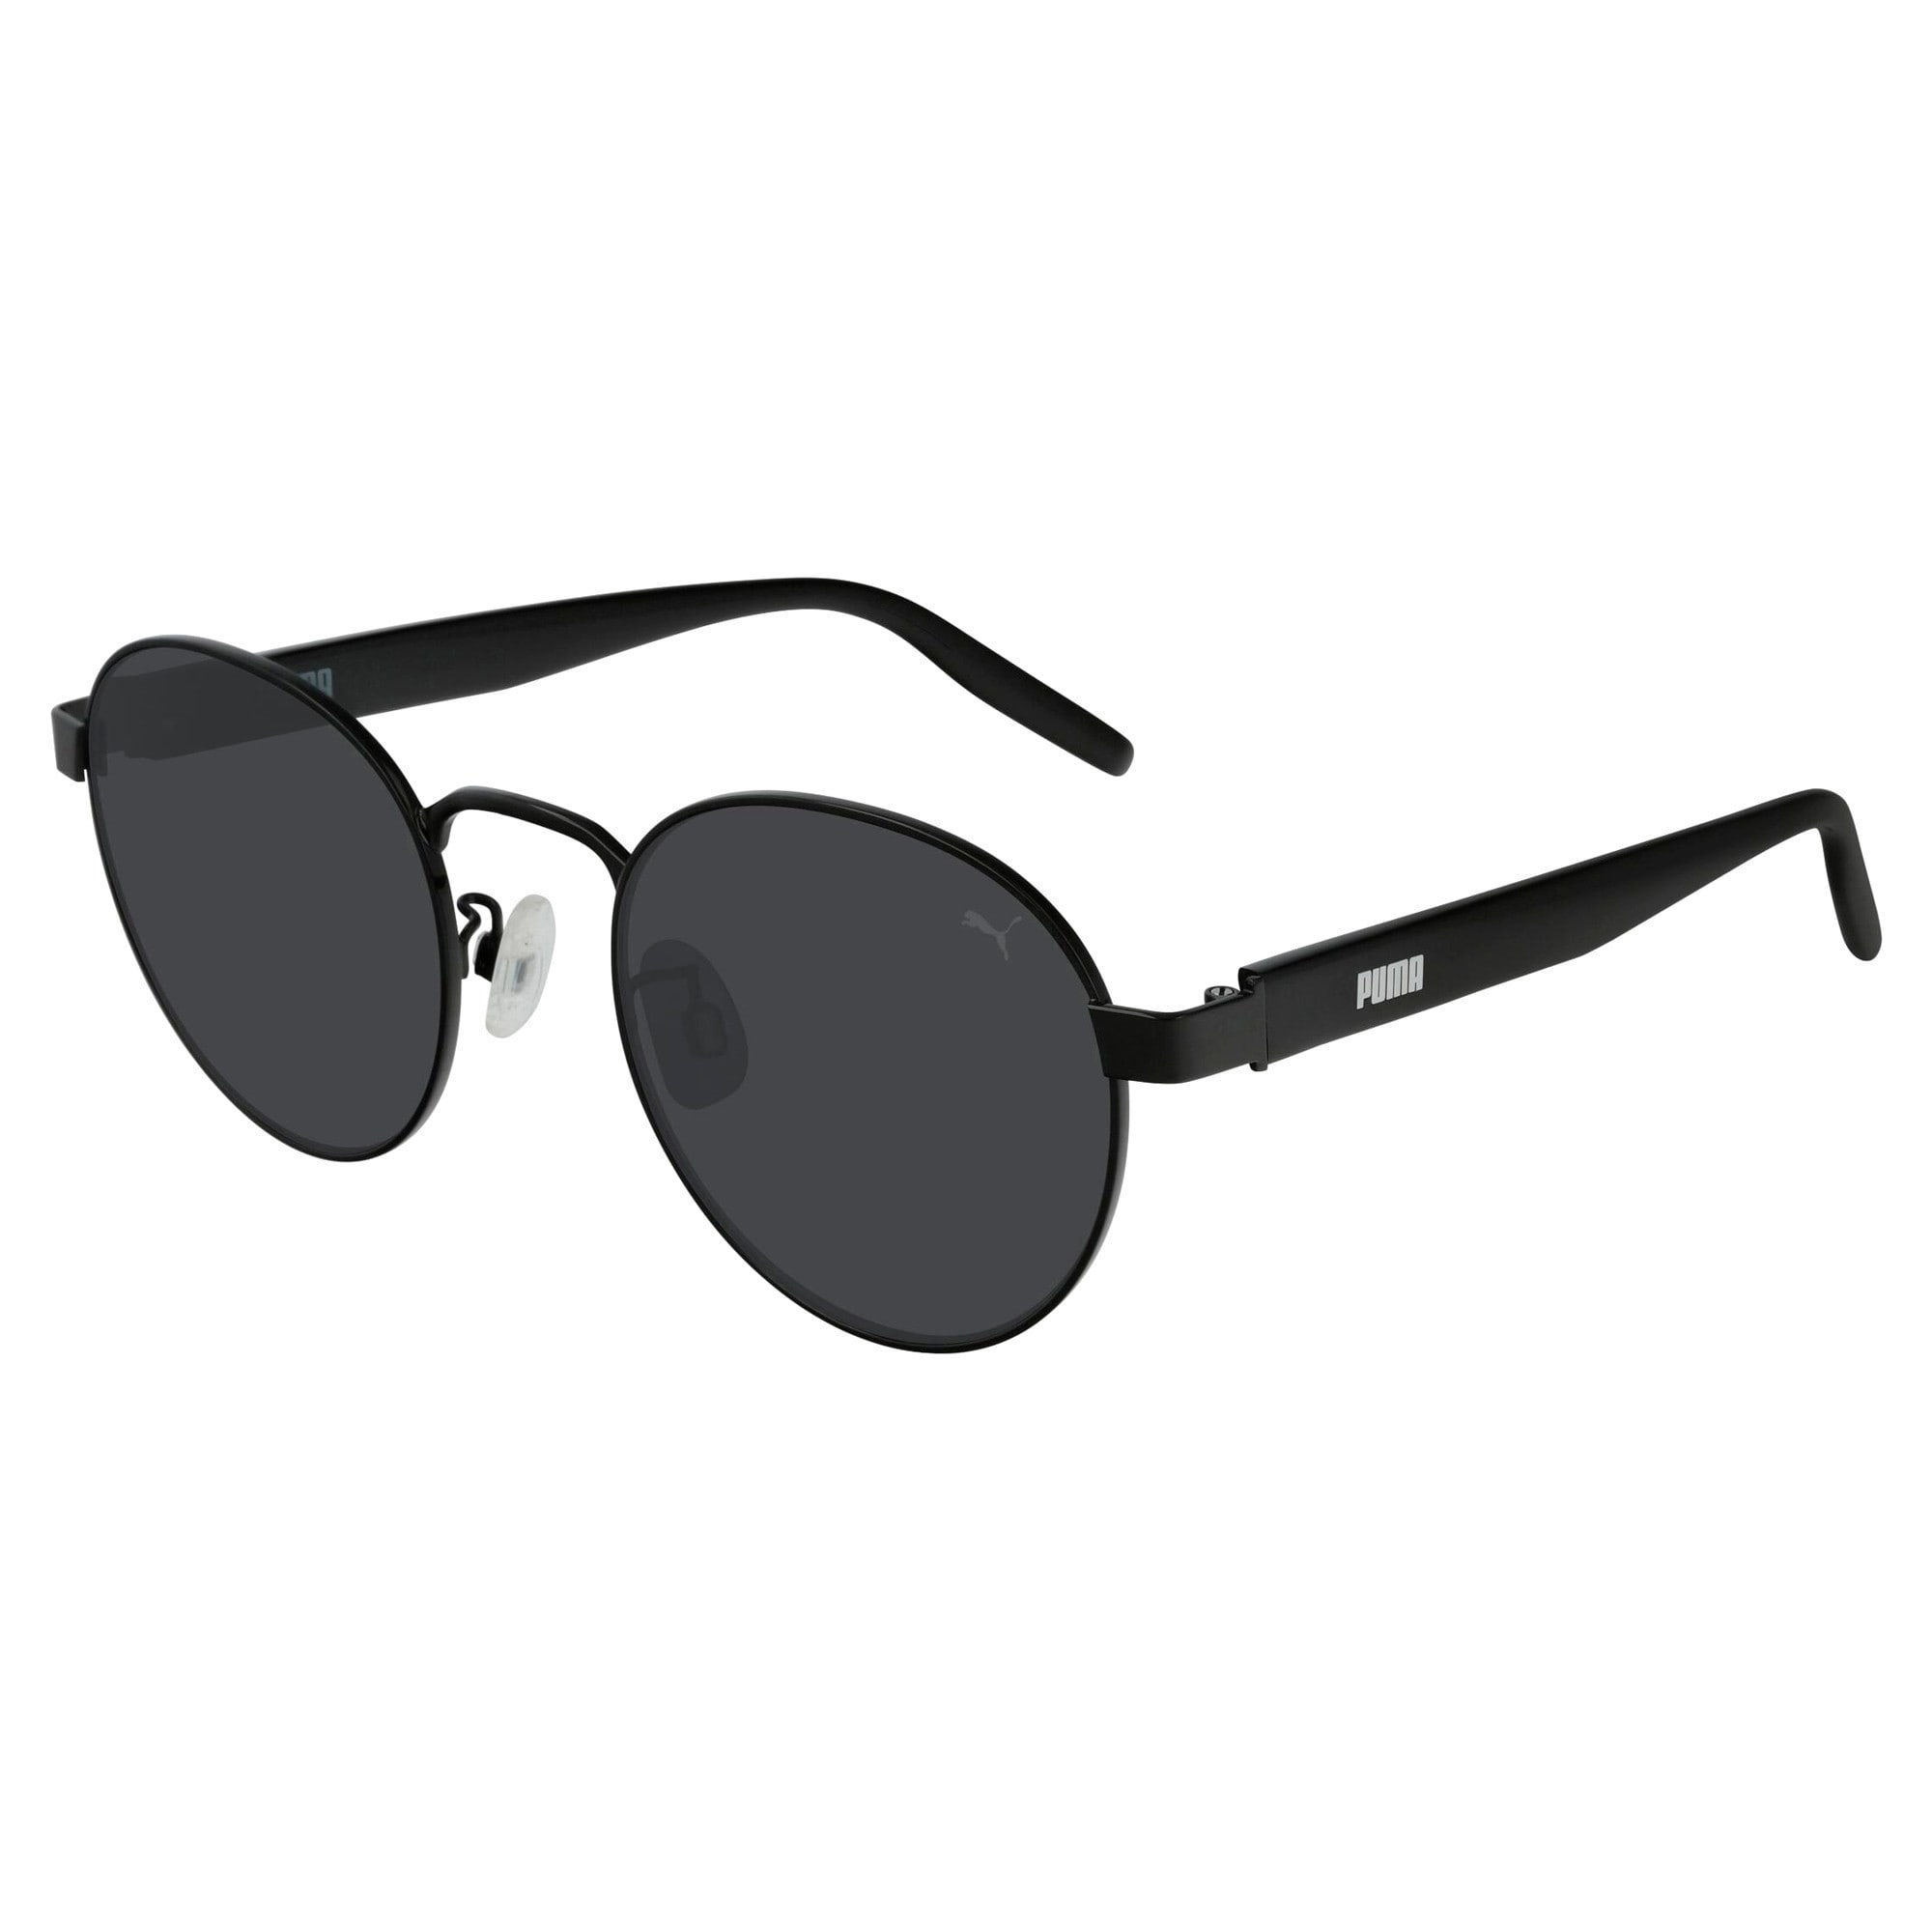 Zonnebrillen voor Heren, Zwart | PUMA